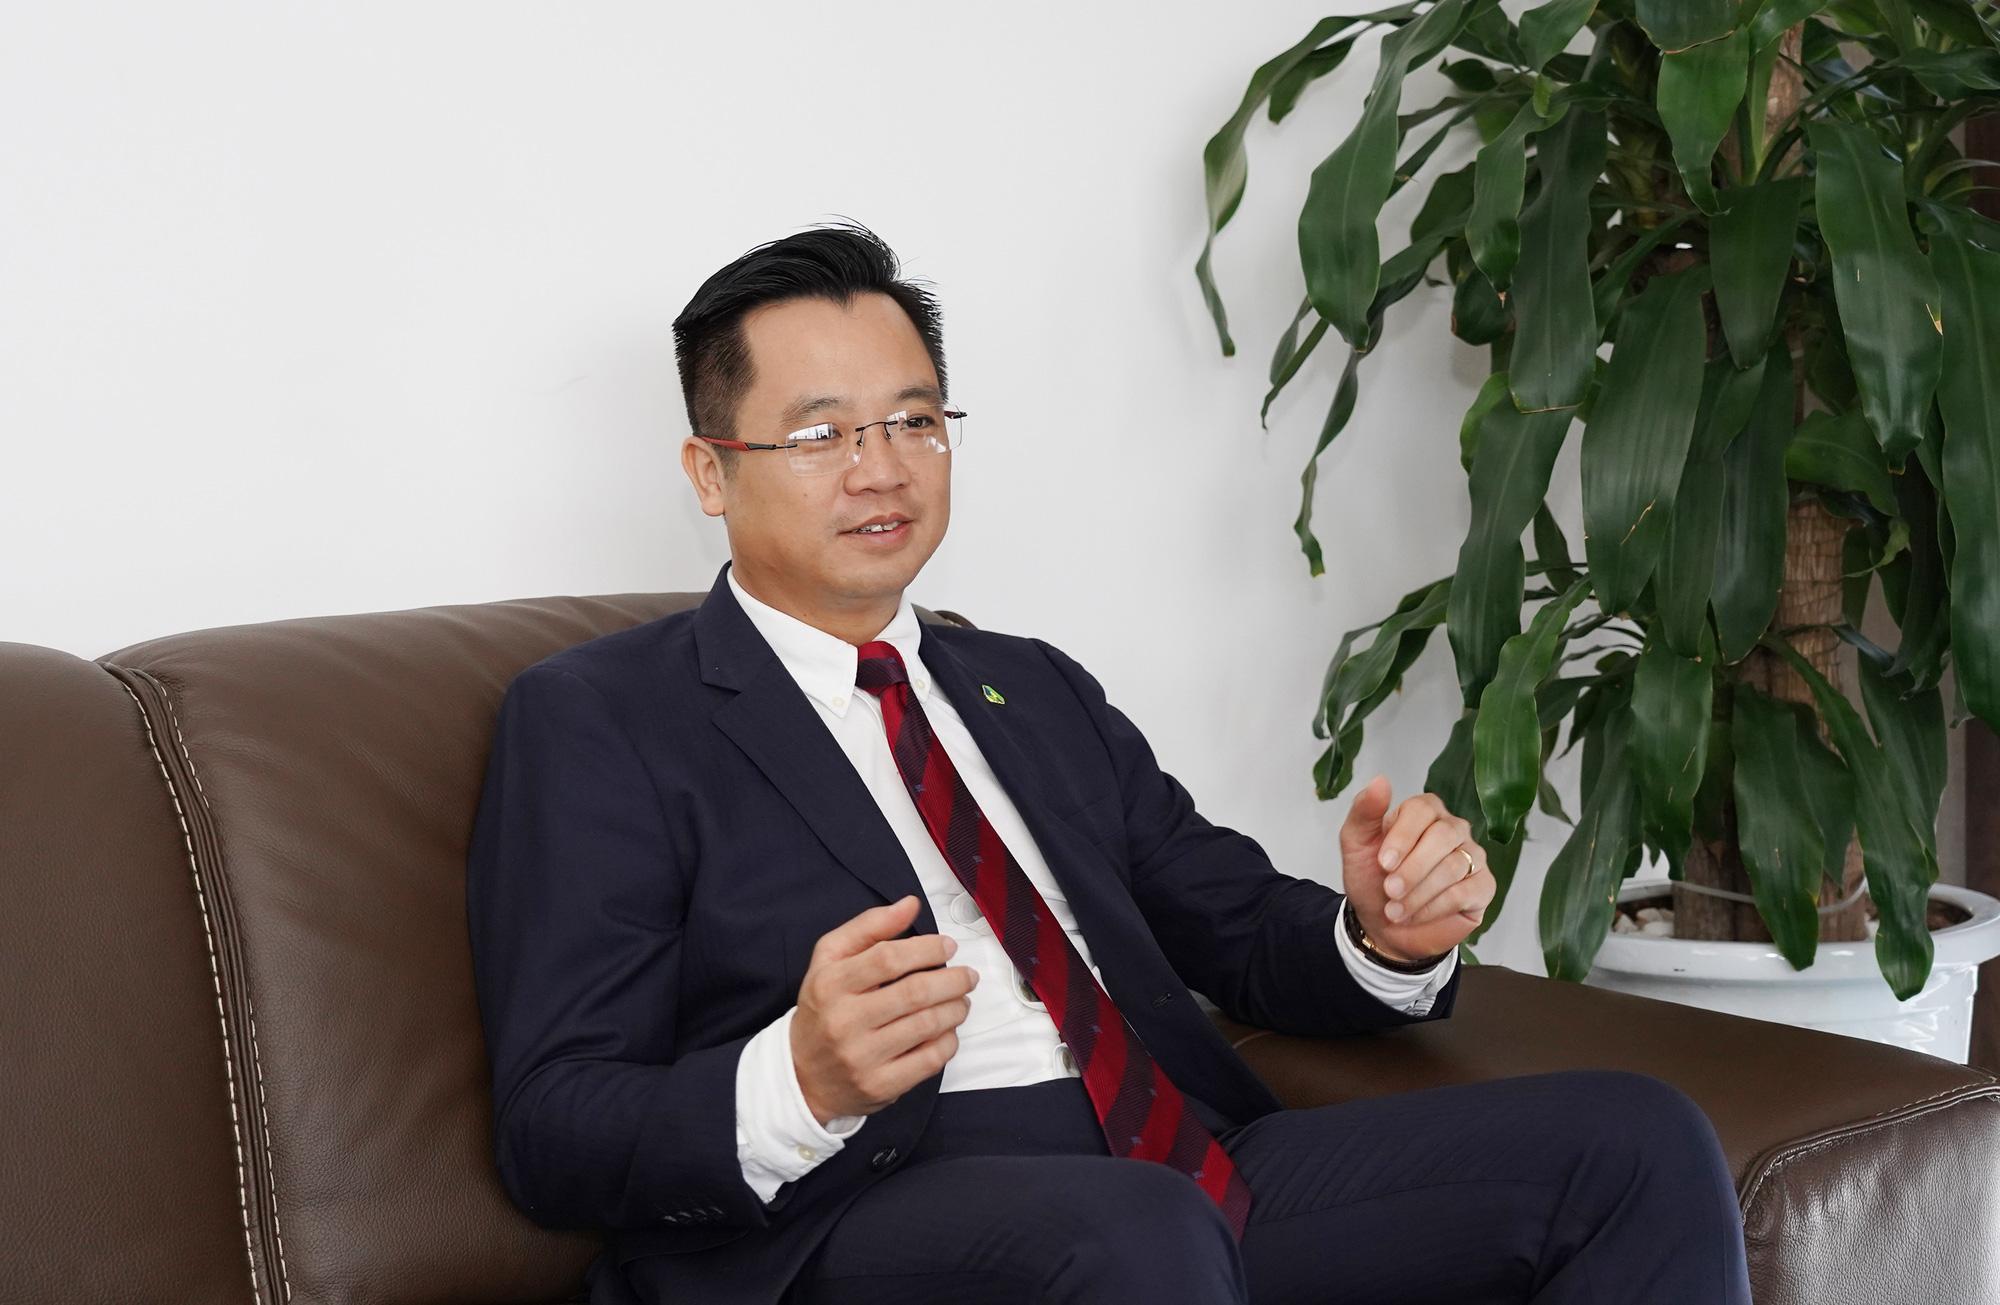 Việt Nam sắp có nhà máy nguyên liệu xanh lớn nhất Đông Nam Á: An Phát Holdings tham vọng gì? - Ảnh 9.